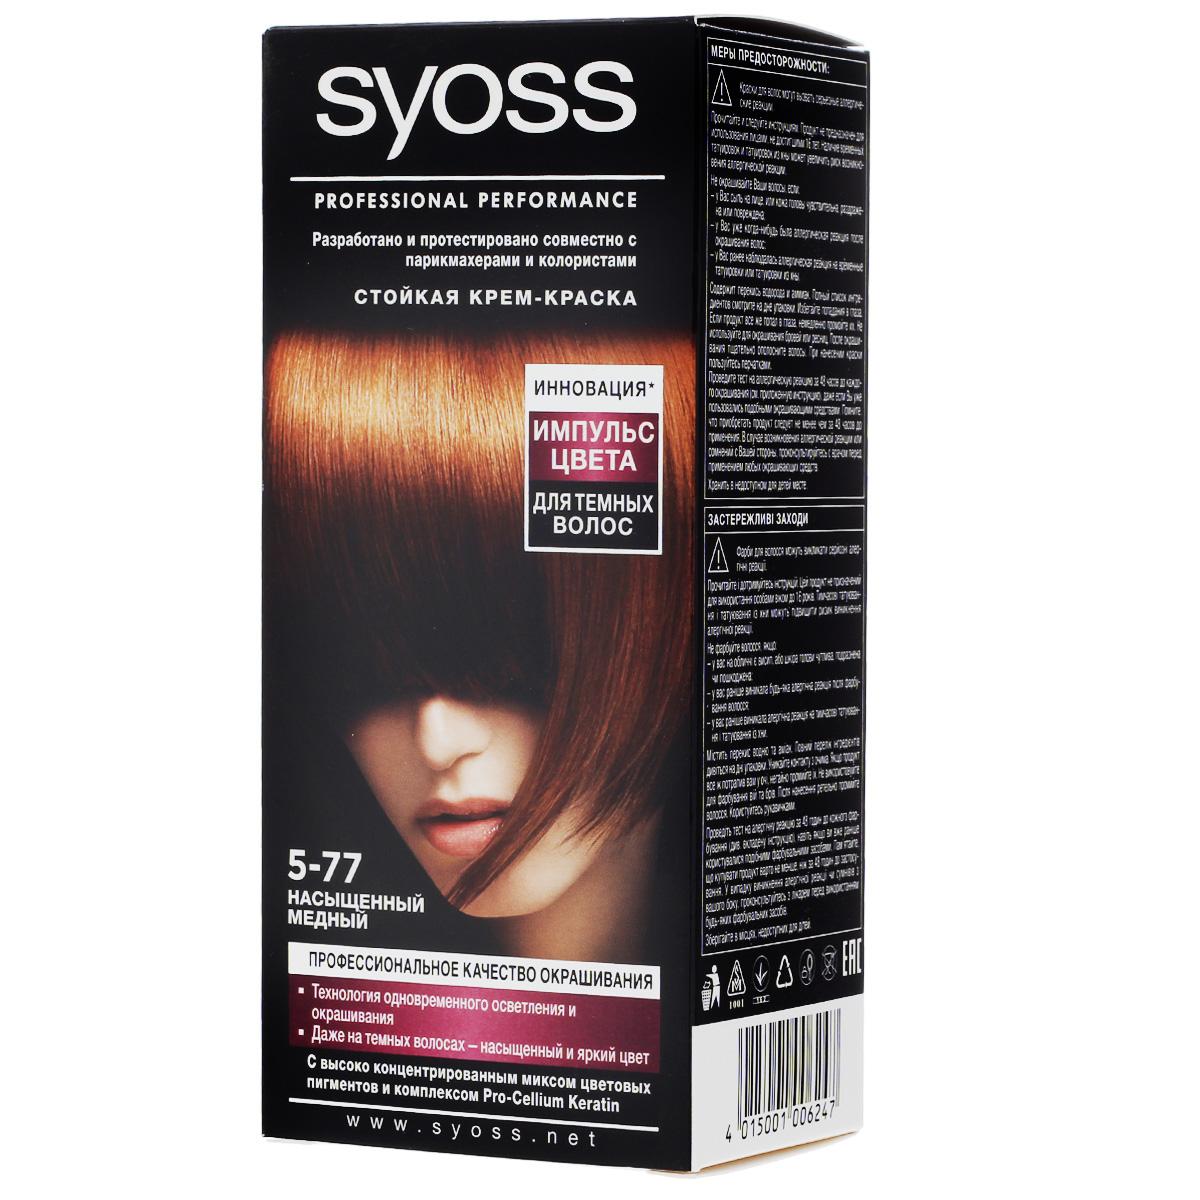 Syoss Color Краска для волос оттенок 5-77 Импульс цвета Насыщенный медный, 115 млMP59.4DОткройте для себя профессиональное качество окрашивания с красками Syoss, разработанными и протестированными совместно с парикмахерами и колористами. Превосходный результат, как после посещения салона. Высокоэффективная формула закрепляет интенсивные цветовые пигменты глубоко внутри волоса, обеспечивая насыщенный, точный результат окрашивания и блеск волос, а также превосходное закрашивание седины. Кондиционер SYOSS «Защита Цвета- с комплексом Pro-Cellium Keratin и Провитамином Б5 способствует восстановлению волос изнутри – для сильных волос и стойкого, насыщенного цвета, полного блеска.